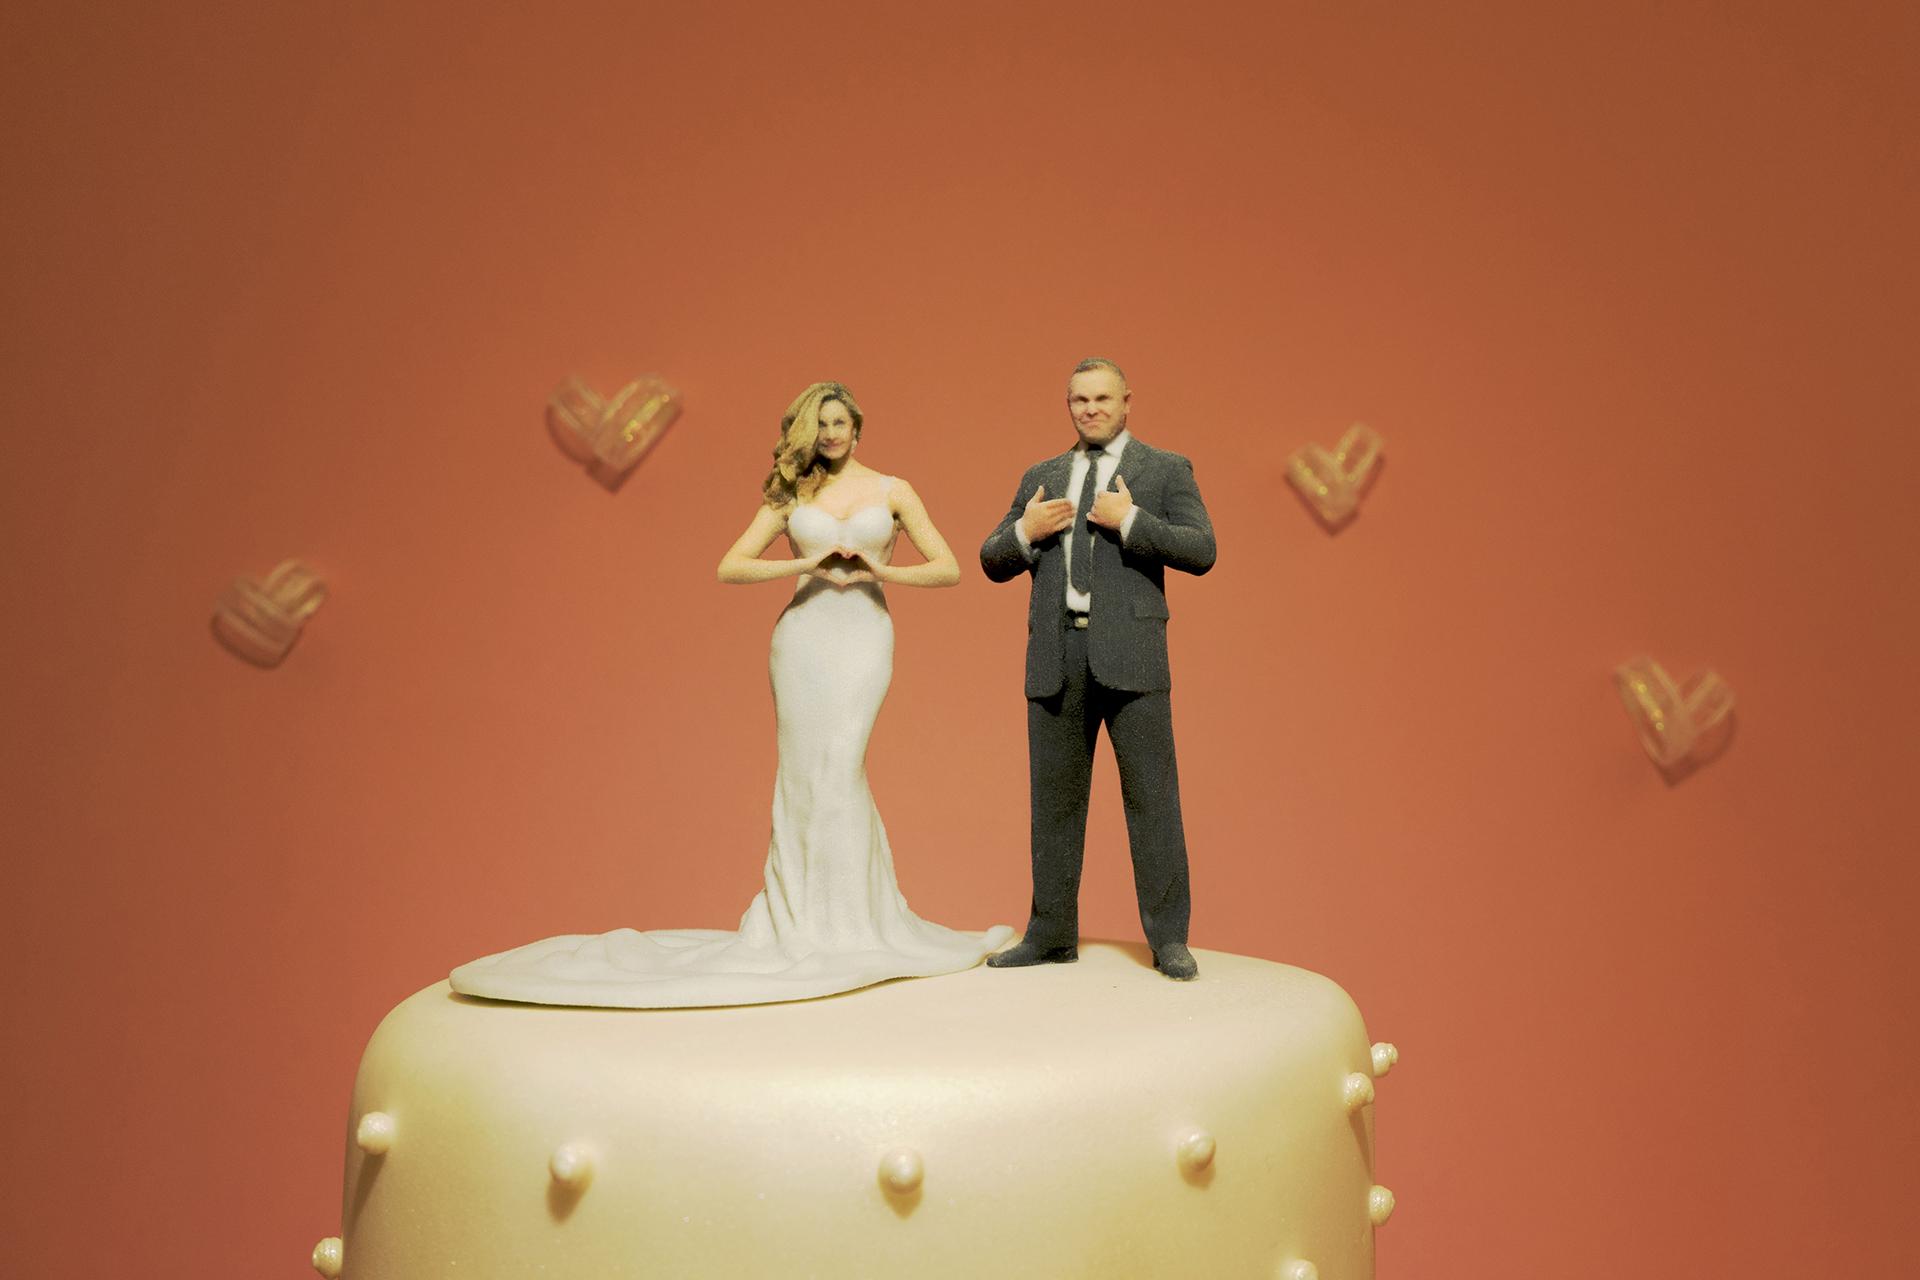 3D_Photo_Figurines_Weddings_9_1.jpg